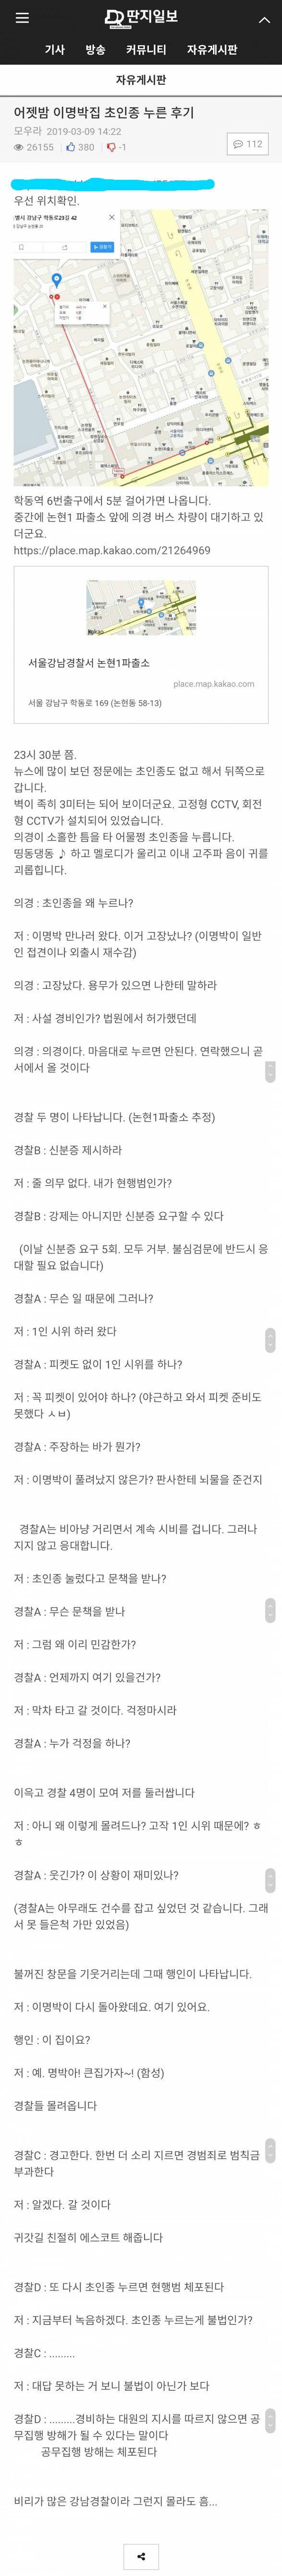 딴지일보 기사 방송 커뮤니티 자유게시판 자유게시판 어젯밤 이명박 초인종 후기 모우 우선 위치 확인 학동역 출구